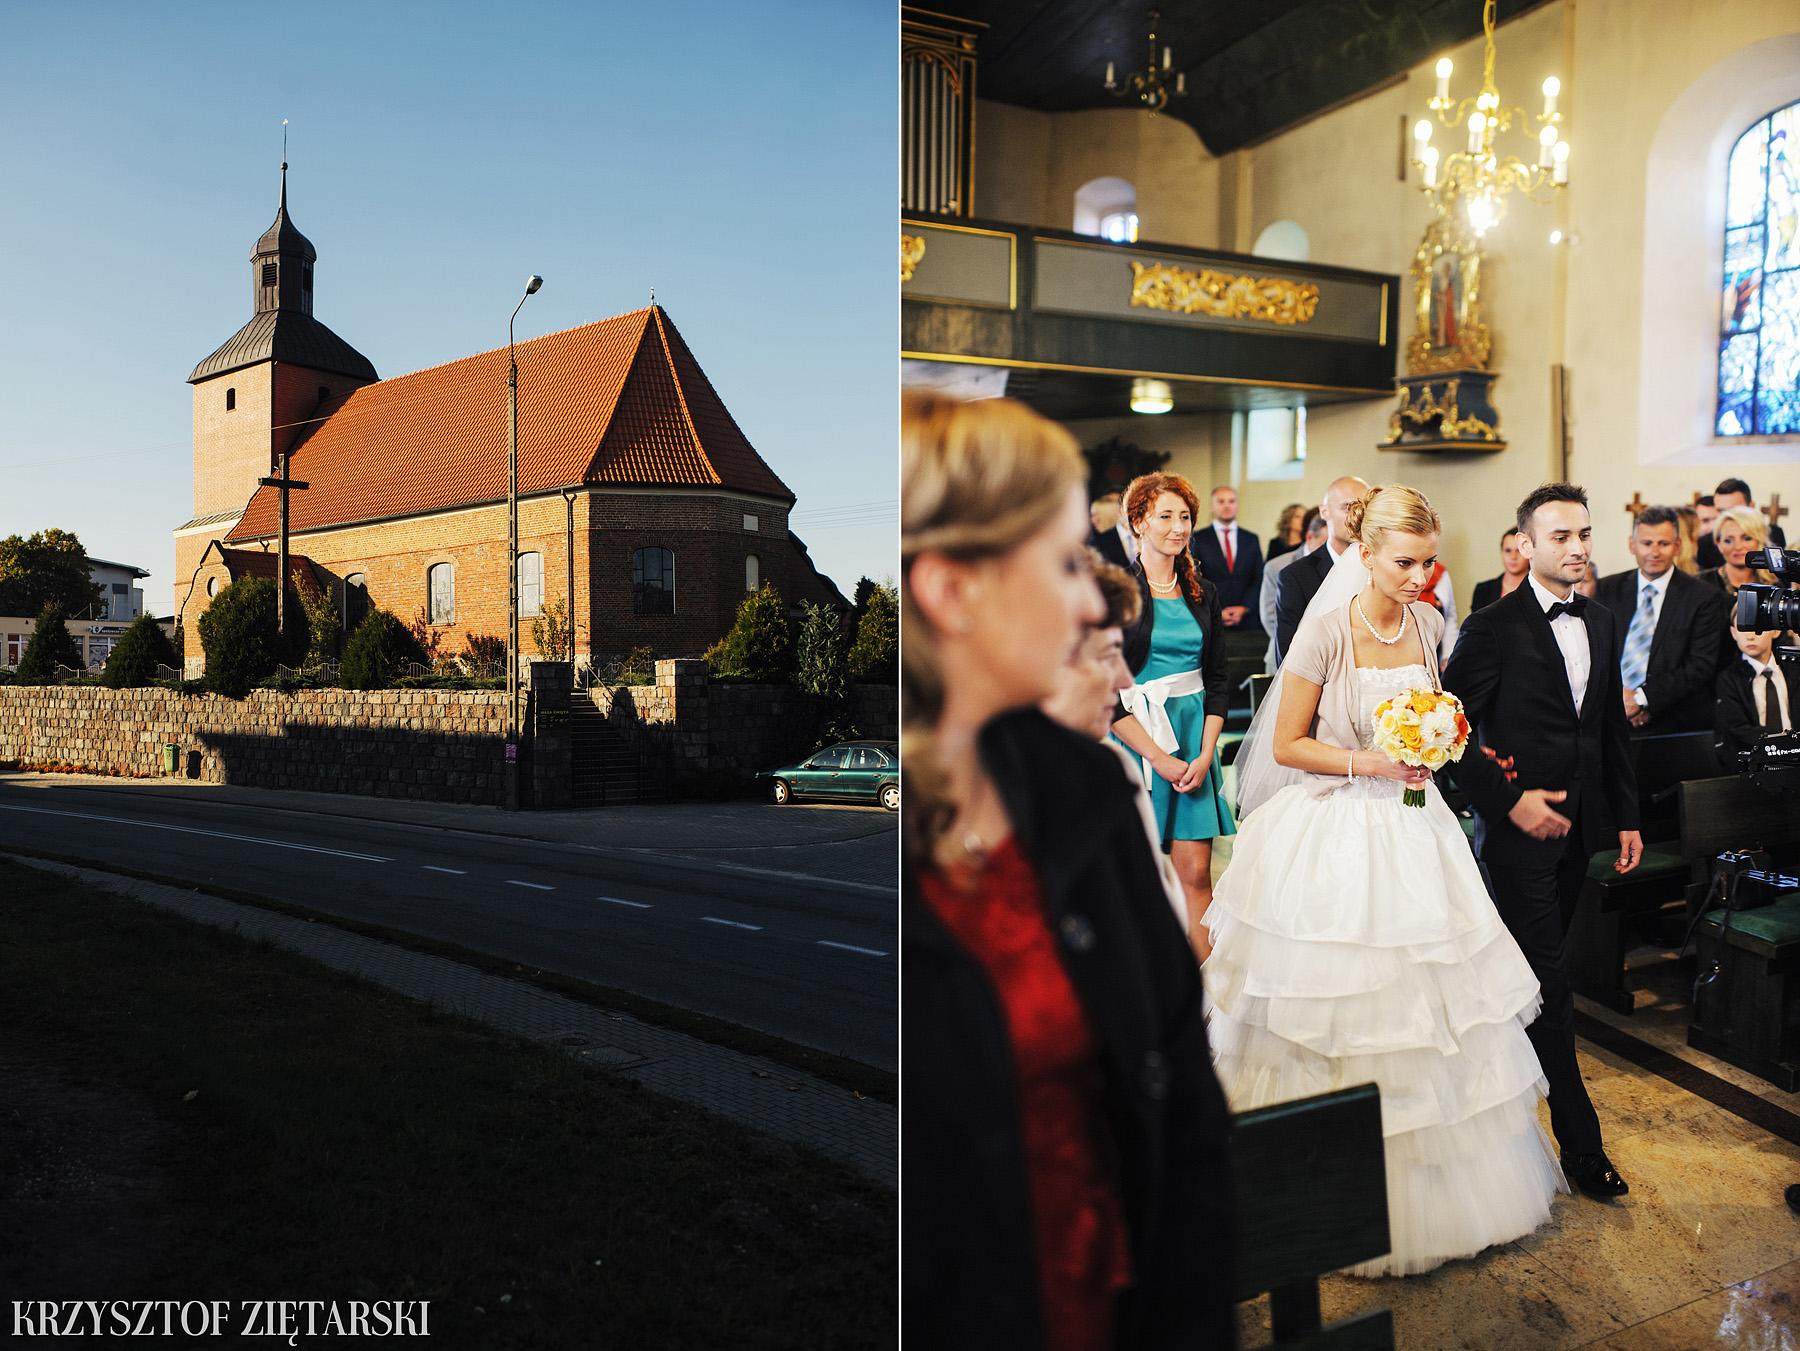 Ewa i Tomek - Fotografia ślubna Gdańsk, Adler Zgorzałe - 5.